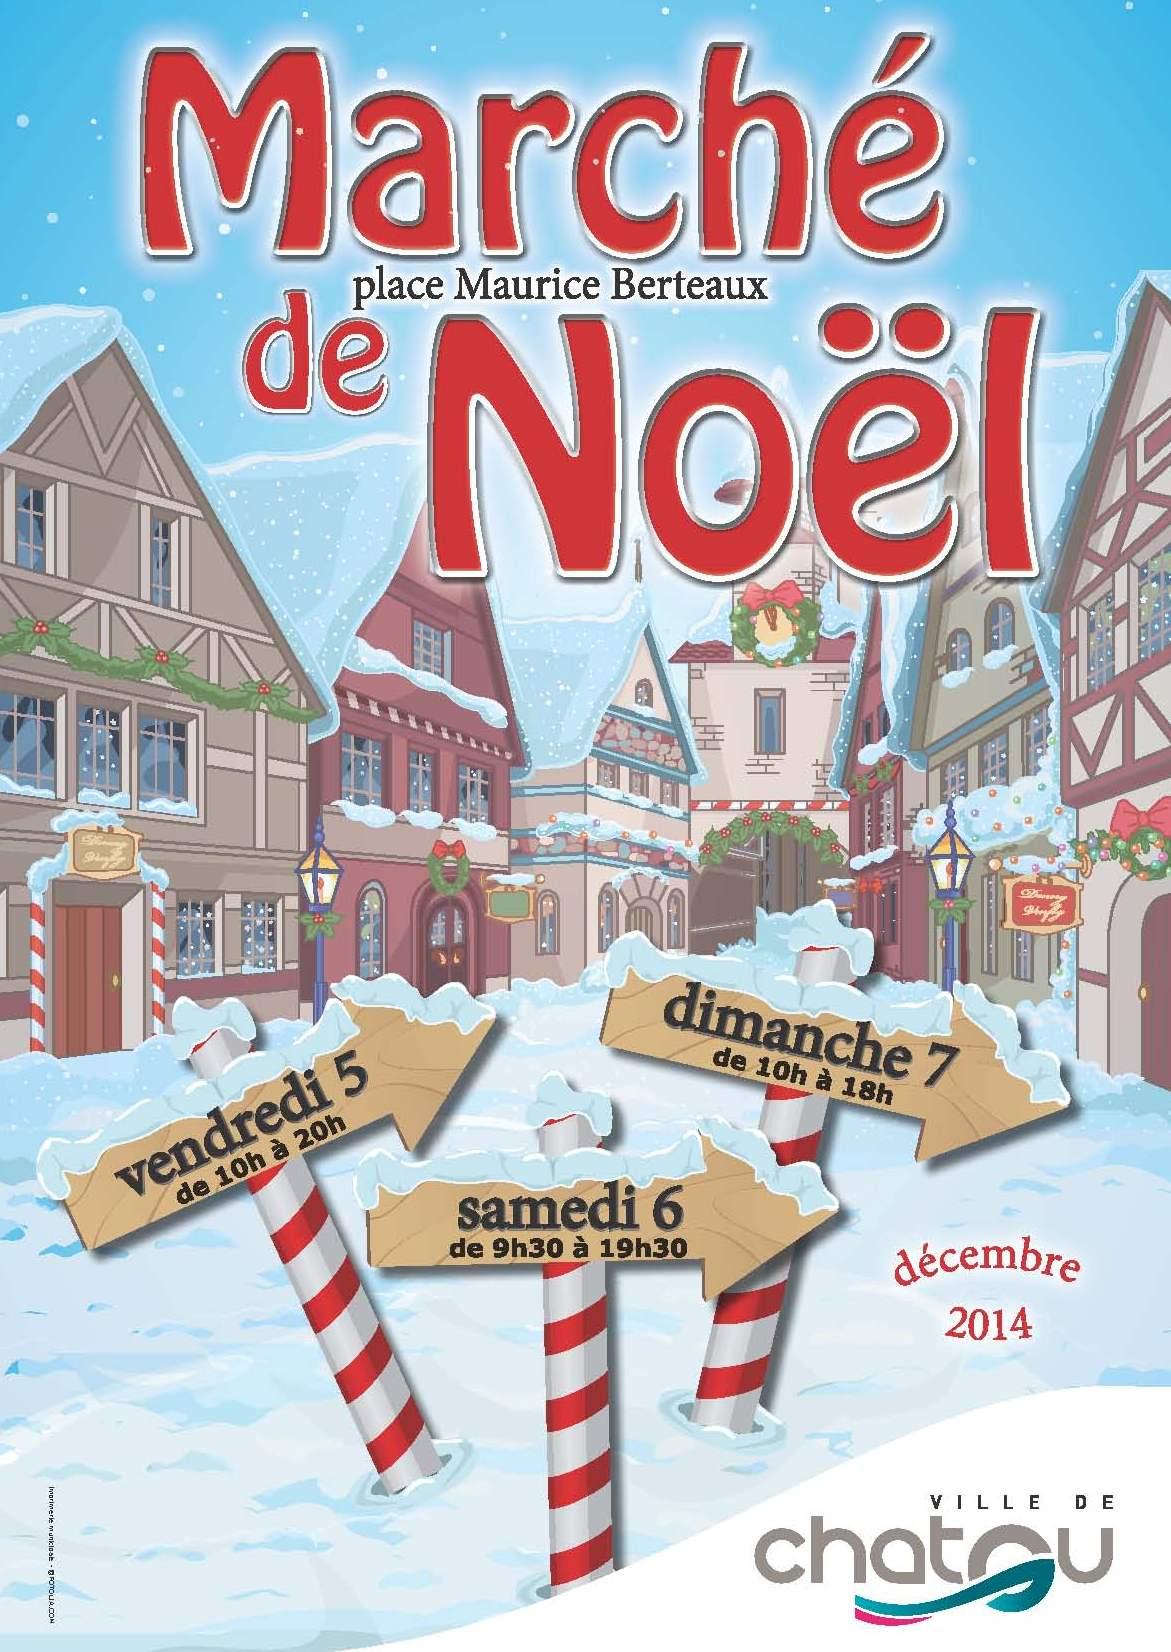 marché de noel 2018 yvelines Marché de Noël de Chatou   Conseil départemental des Yvelines marché de noel 2018 yvelines